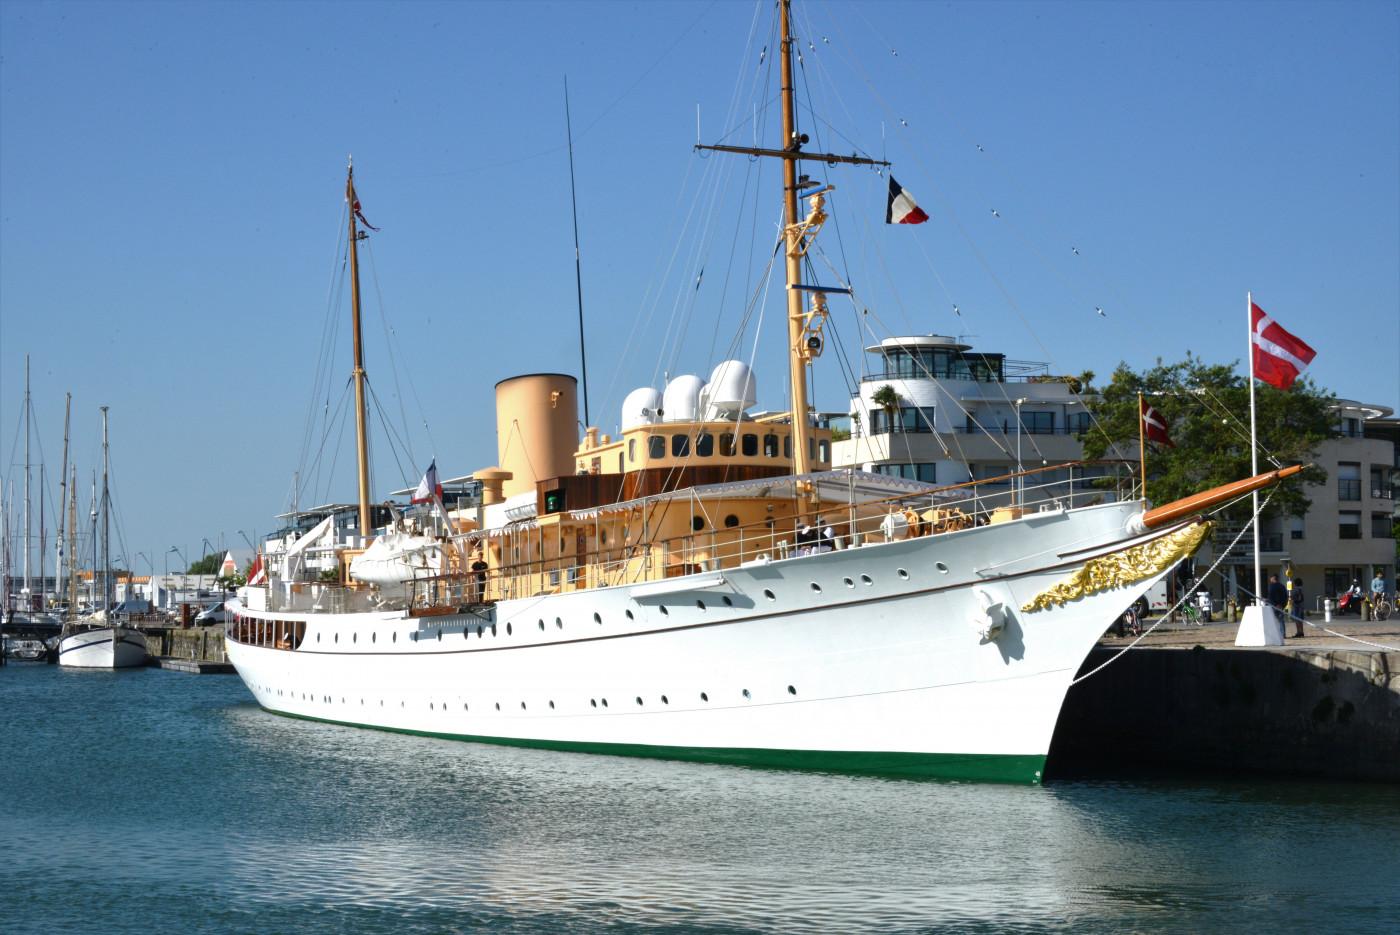 Le_yacht_royal_danois_Dannebrog_(92) (1)